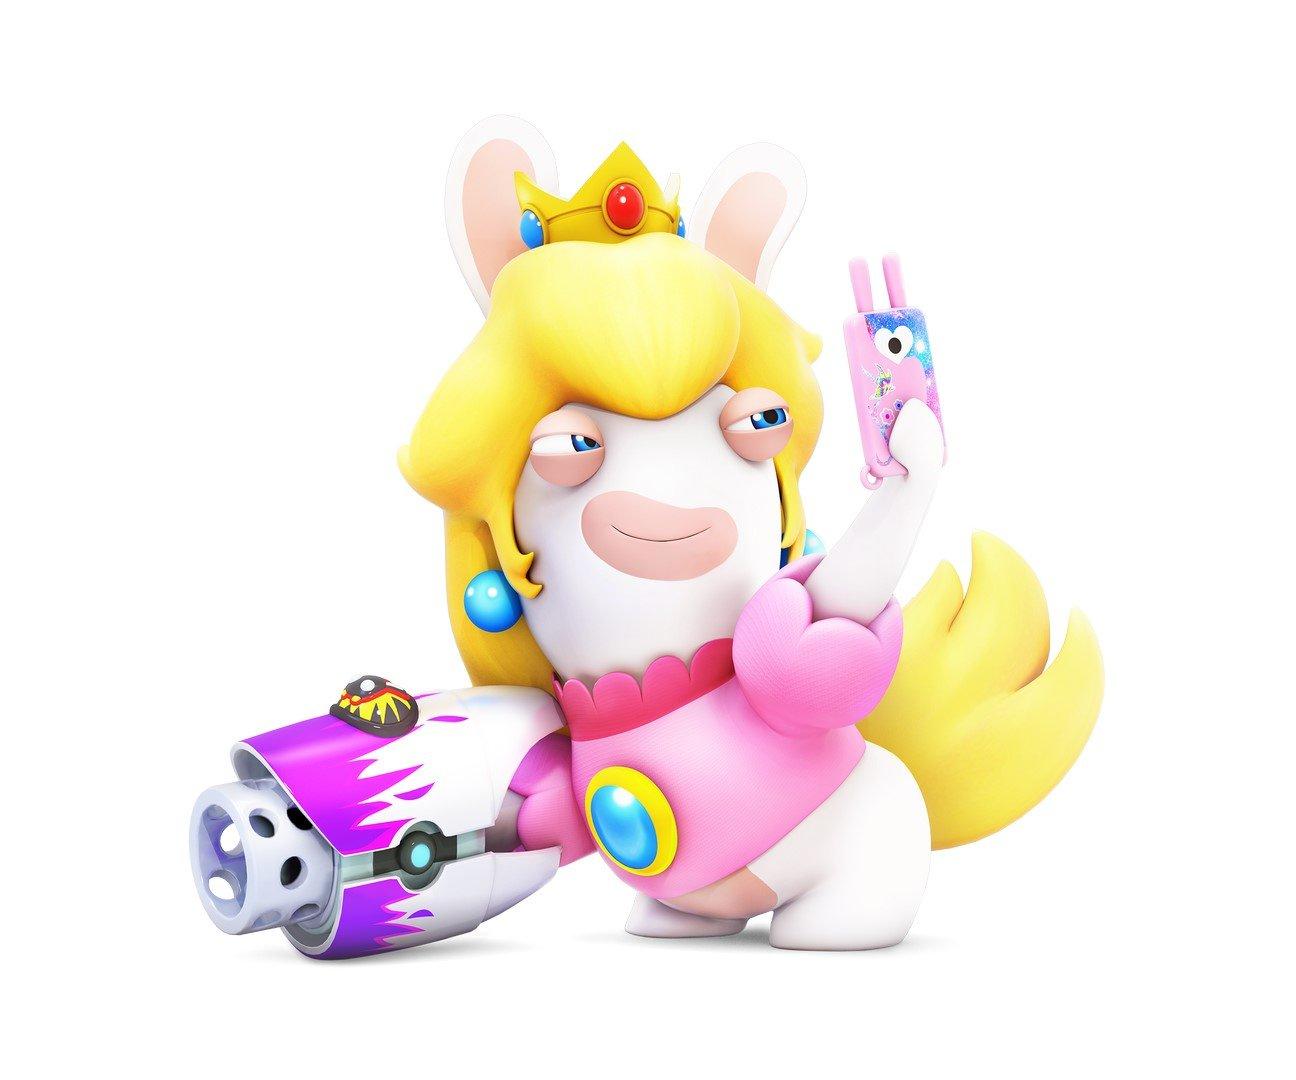 Mario+Rabbids-Peach-3